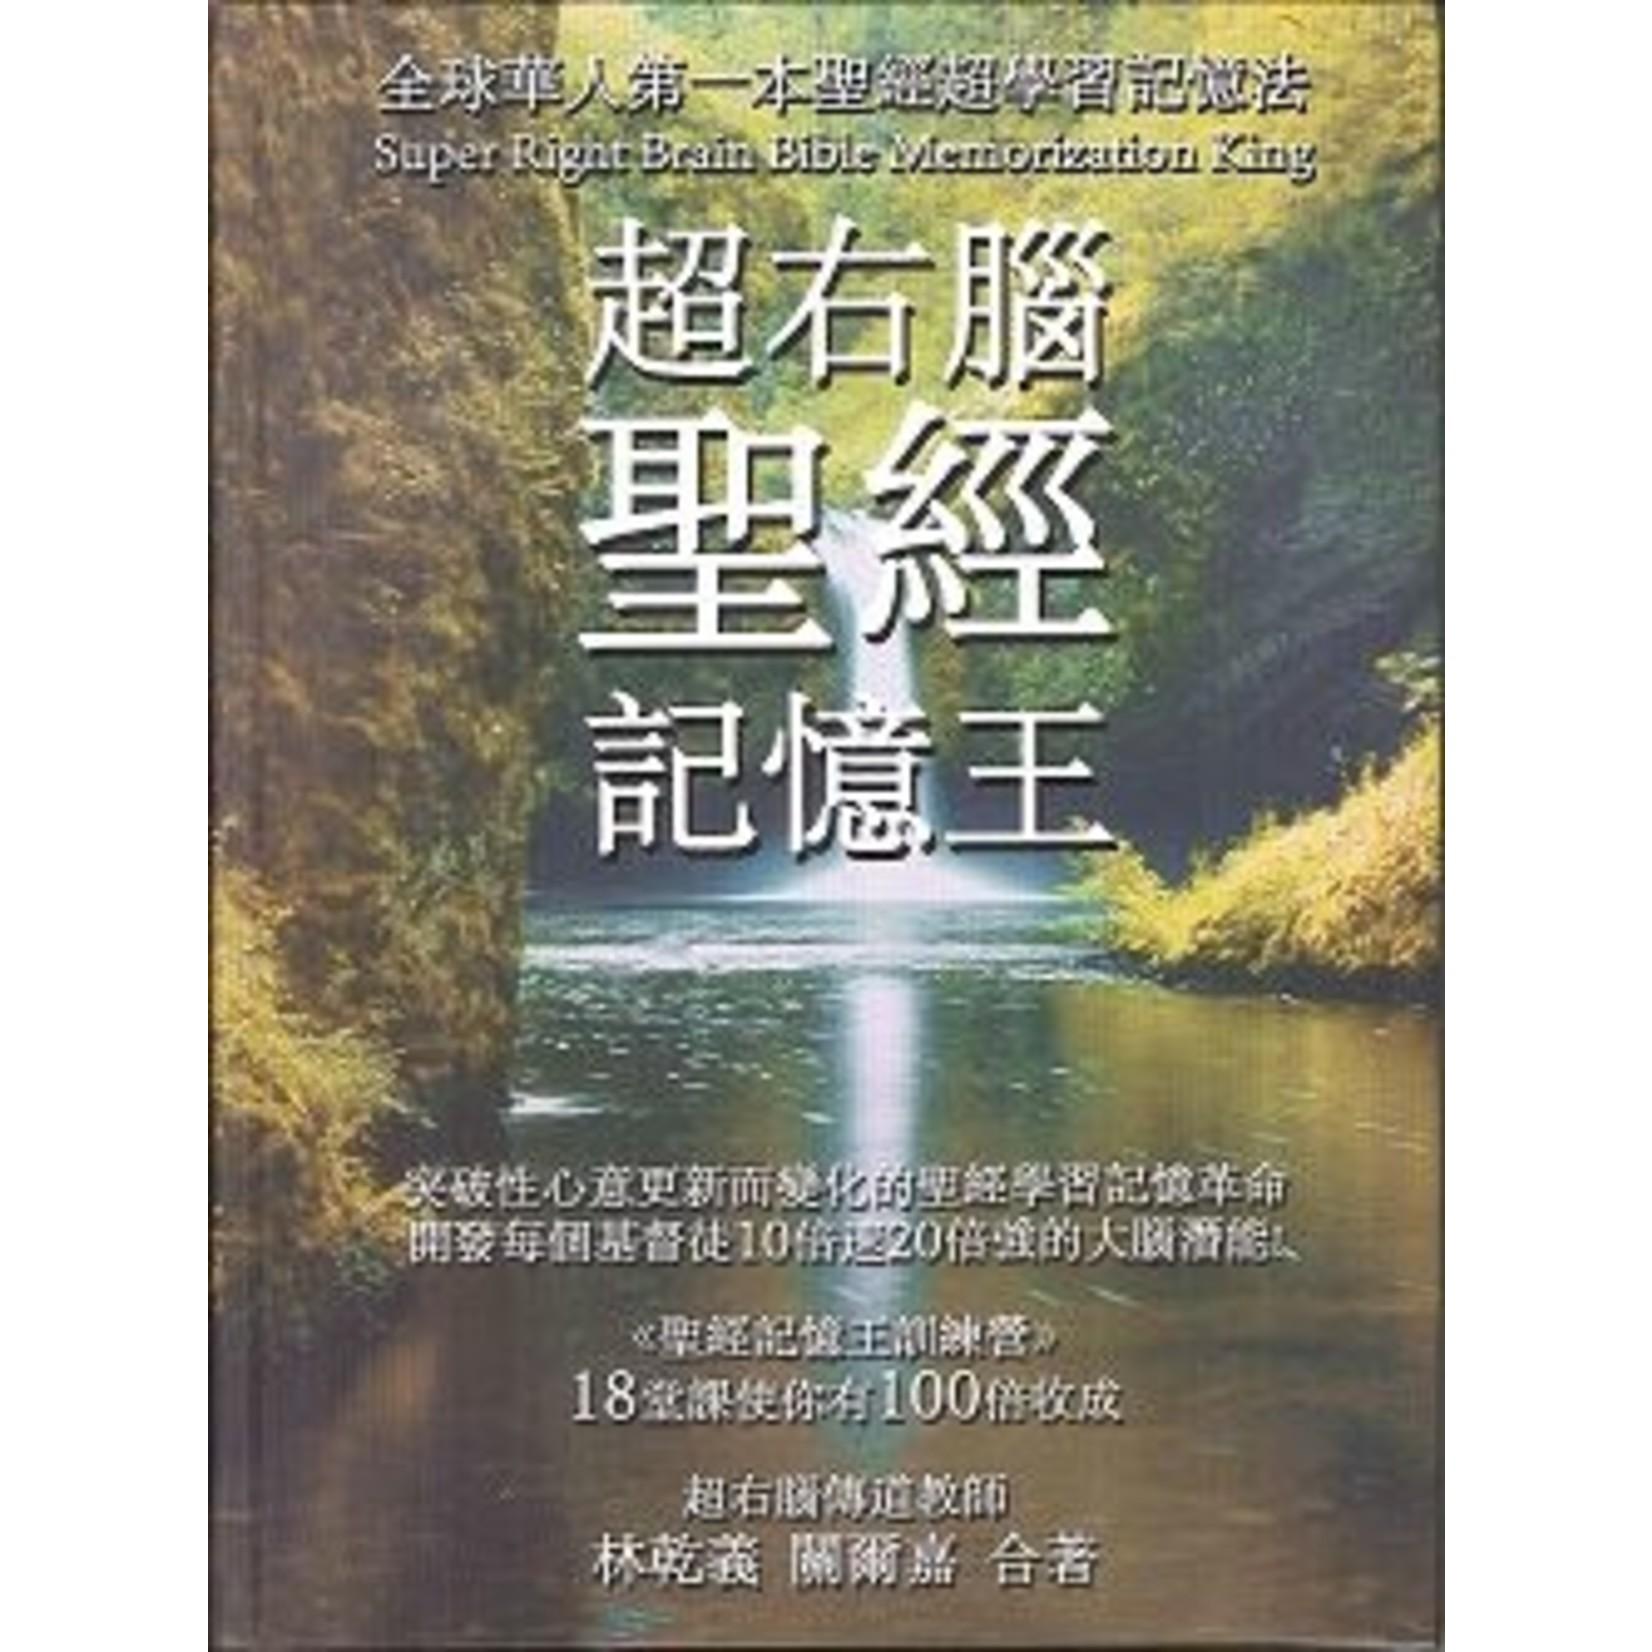 新加坡迦南國際學習系統 Canaan Learning Systems 超右腦聖經記憶王:全球華人第一本聖經超學習記憶法